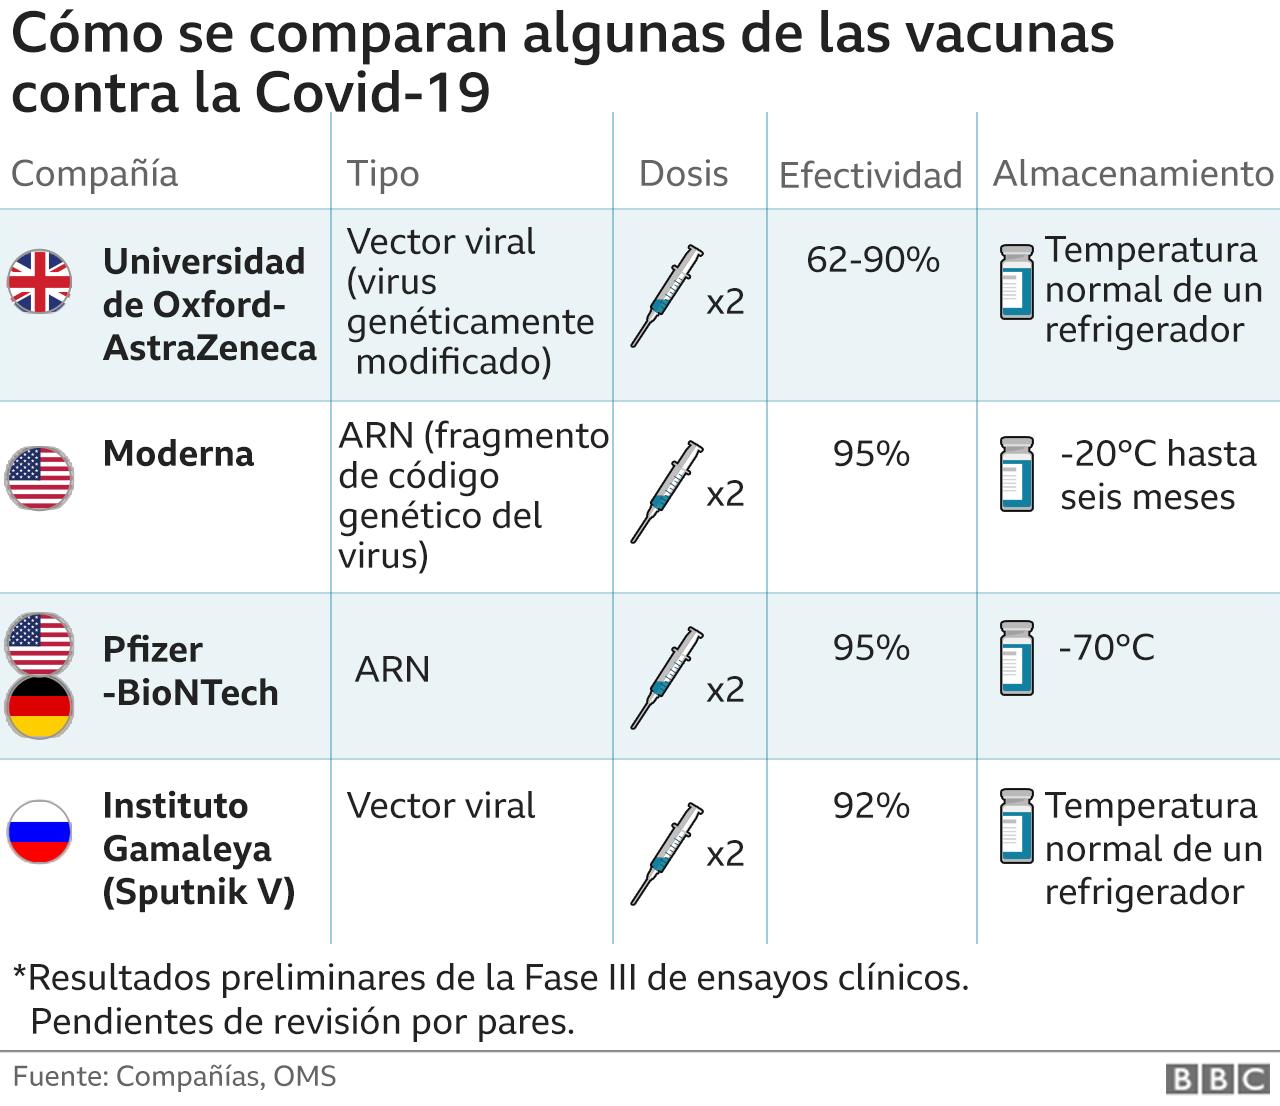 Gráfico que compara datos de diferentes vacunas candidatas